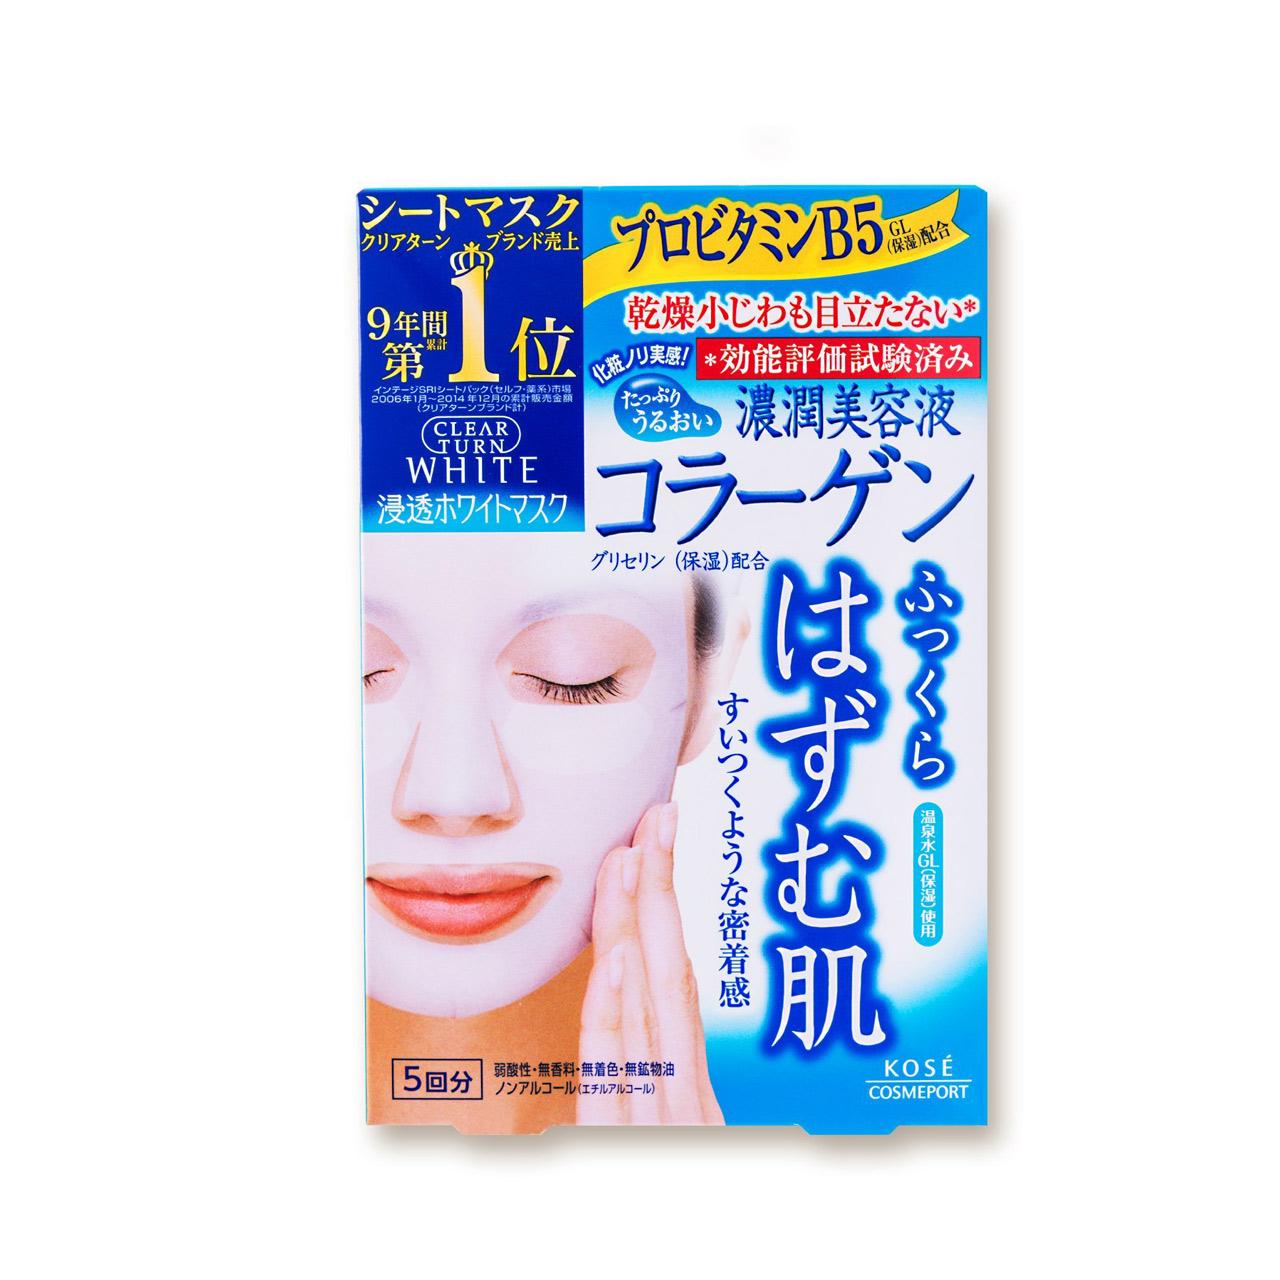 日本 高丝 CLEAR TURN 胶原蛋白精华美肌面膜 5片/盒